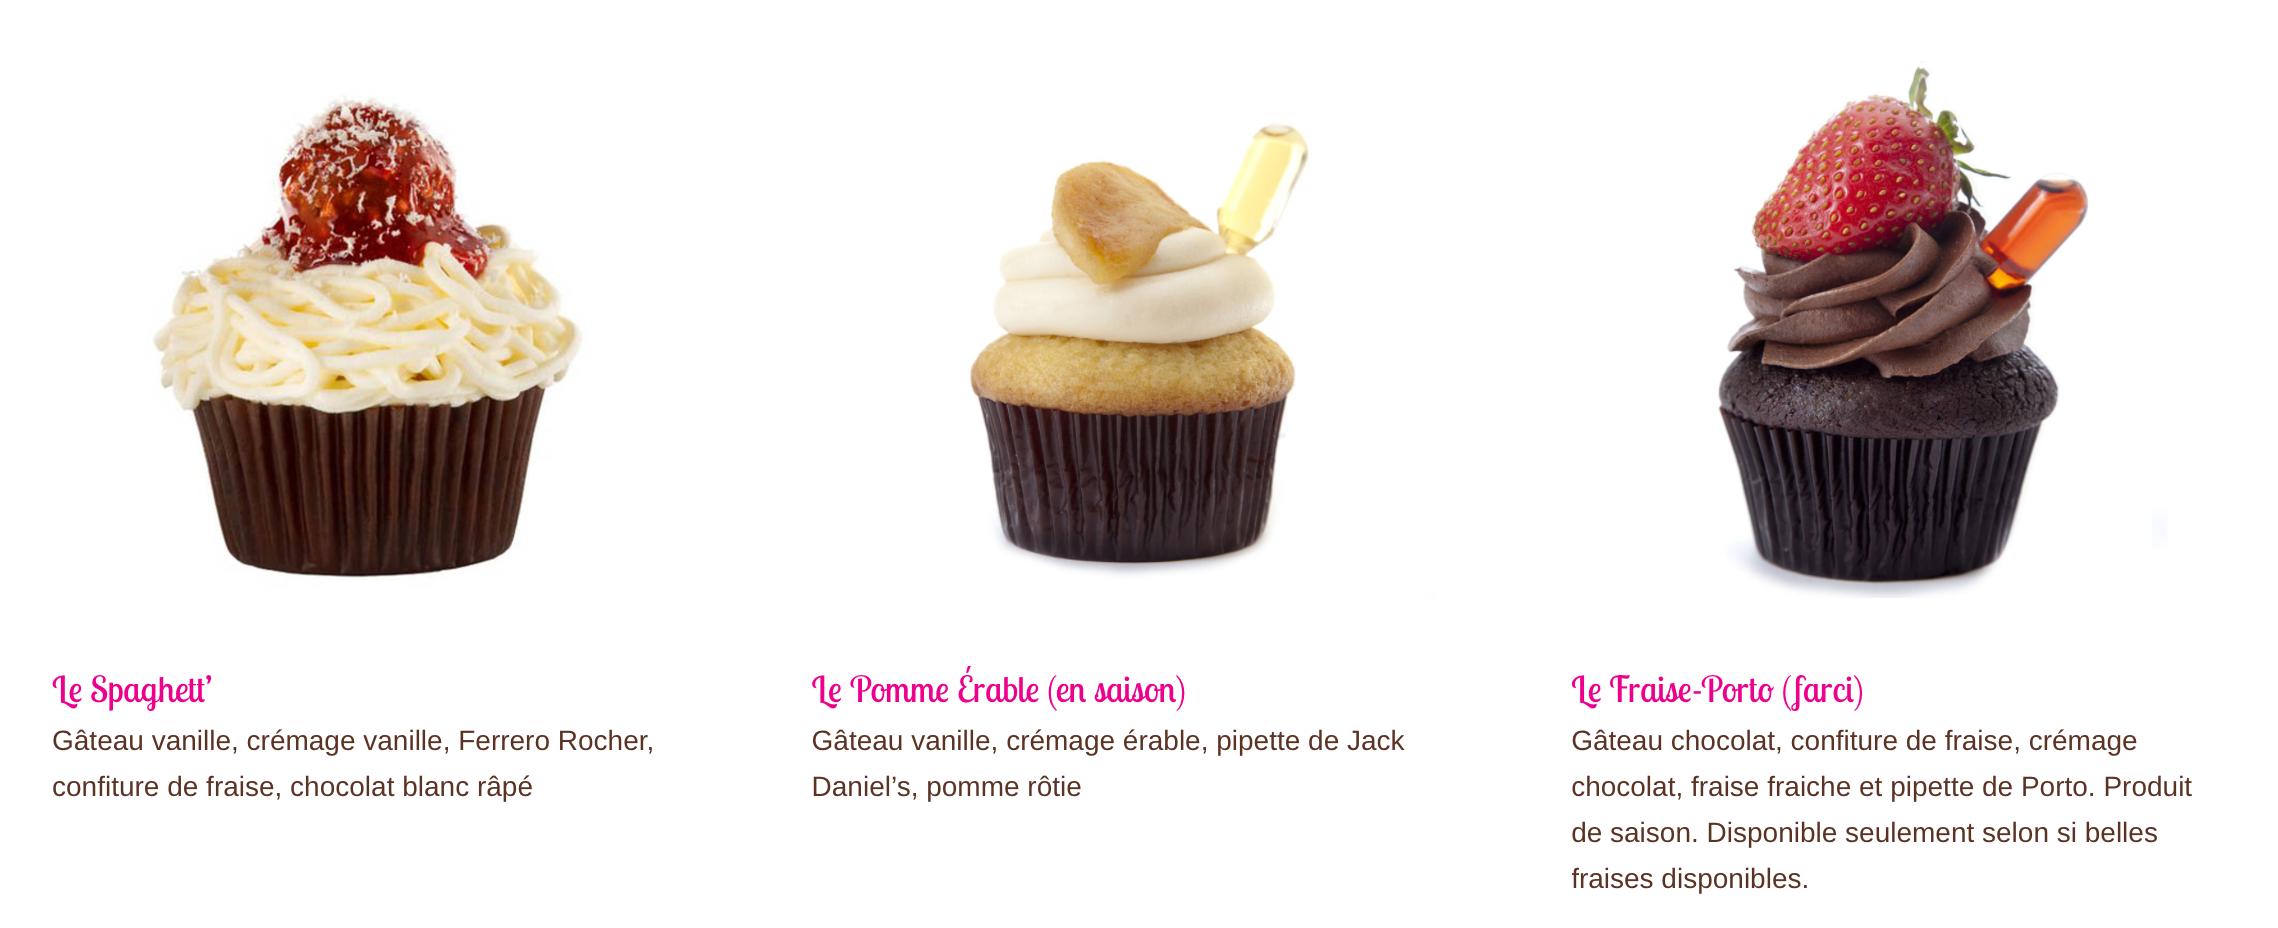 cupcake-spaghetti-sucre-à-la-crème-sucrer-